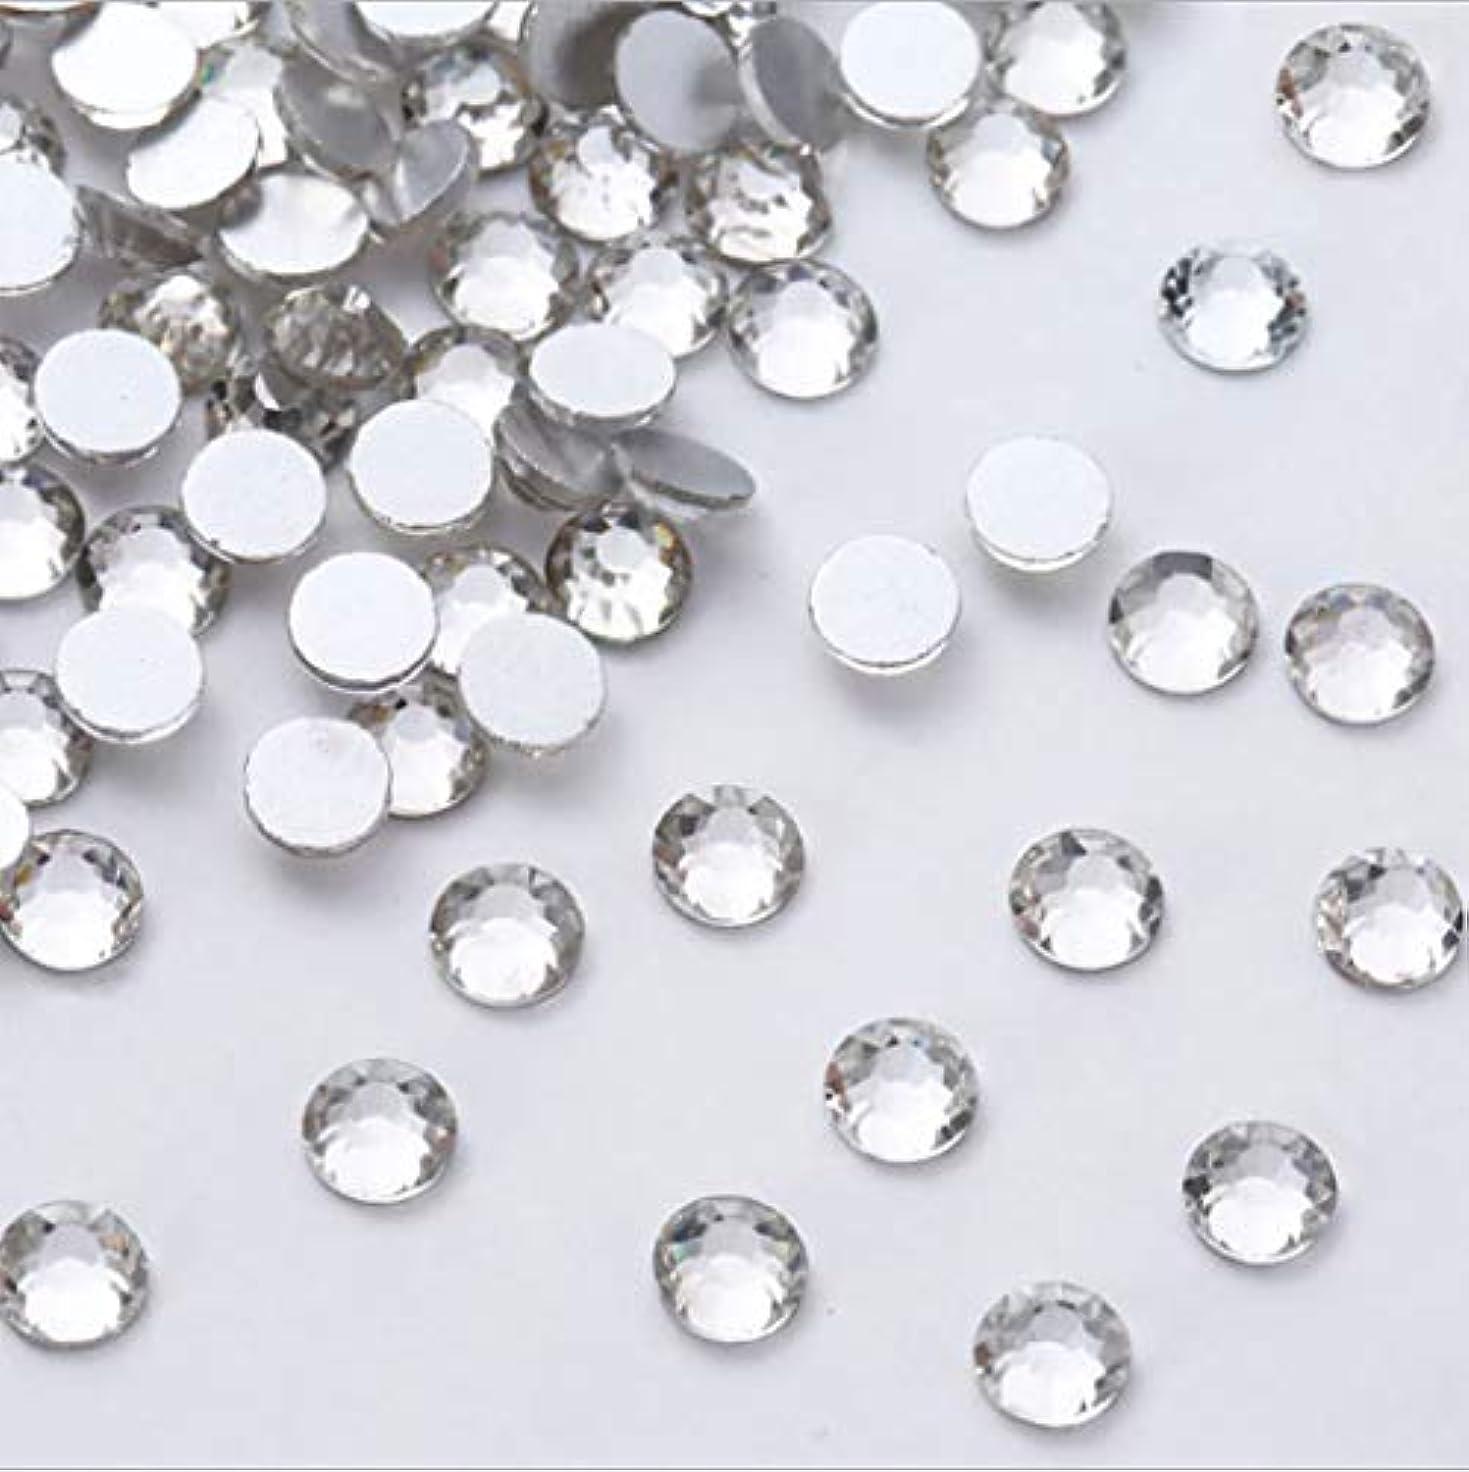 会計ご意見シニスXIULIラインストーン DIY ネイルを飾てと服装使用 高い採光 ホワイト ss3-20約1440粒(ss3-20混合サイズ)